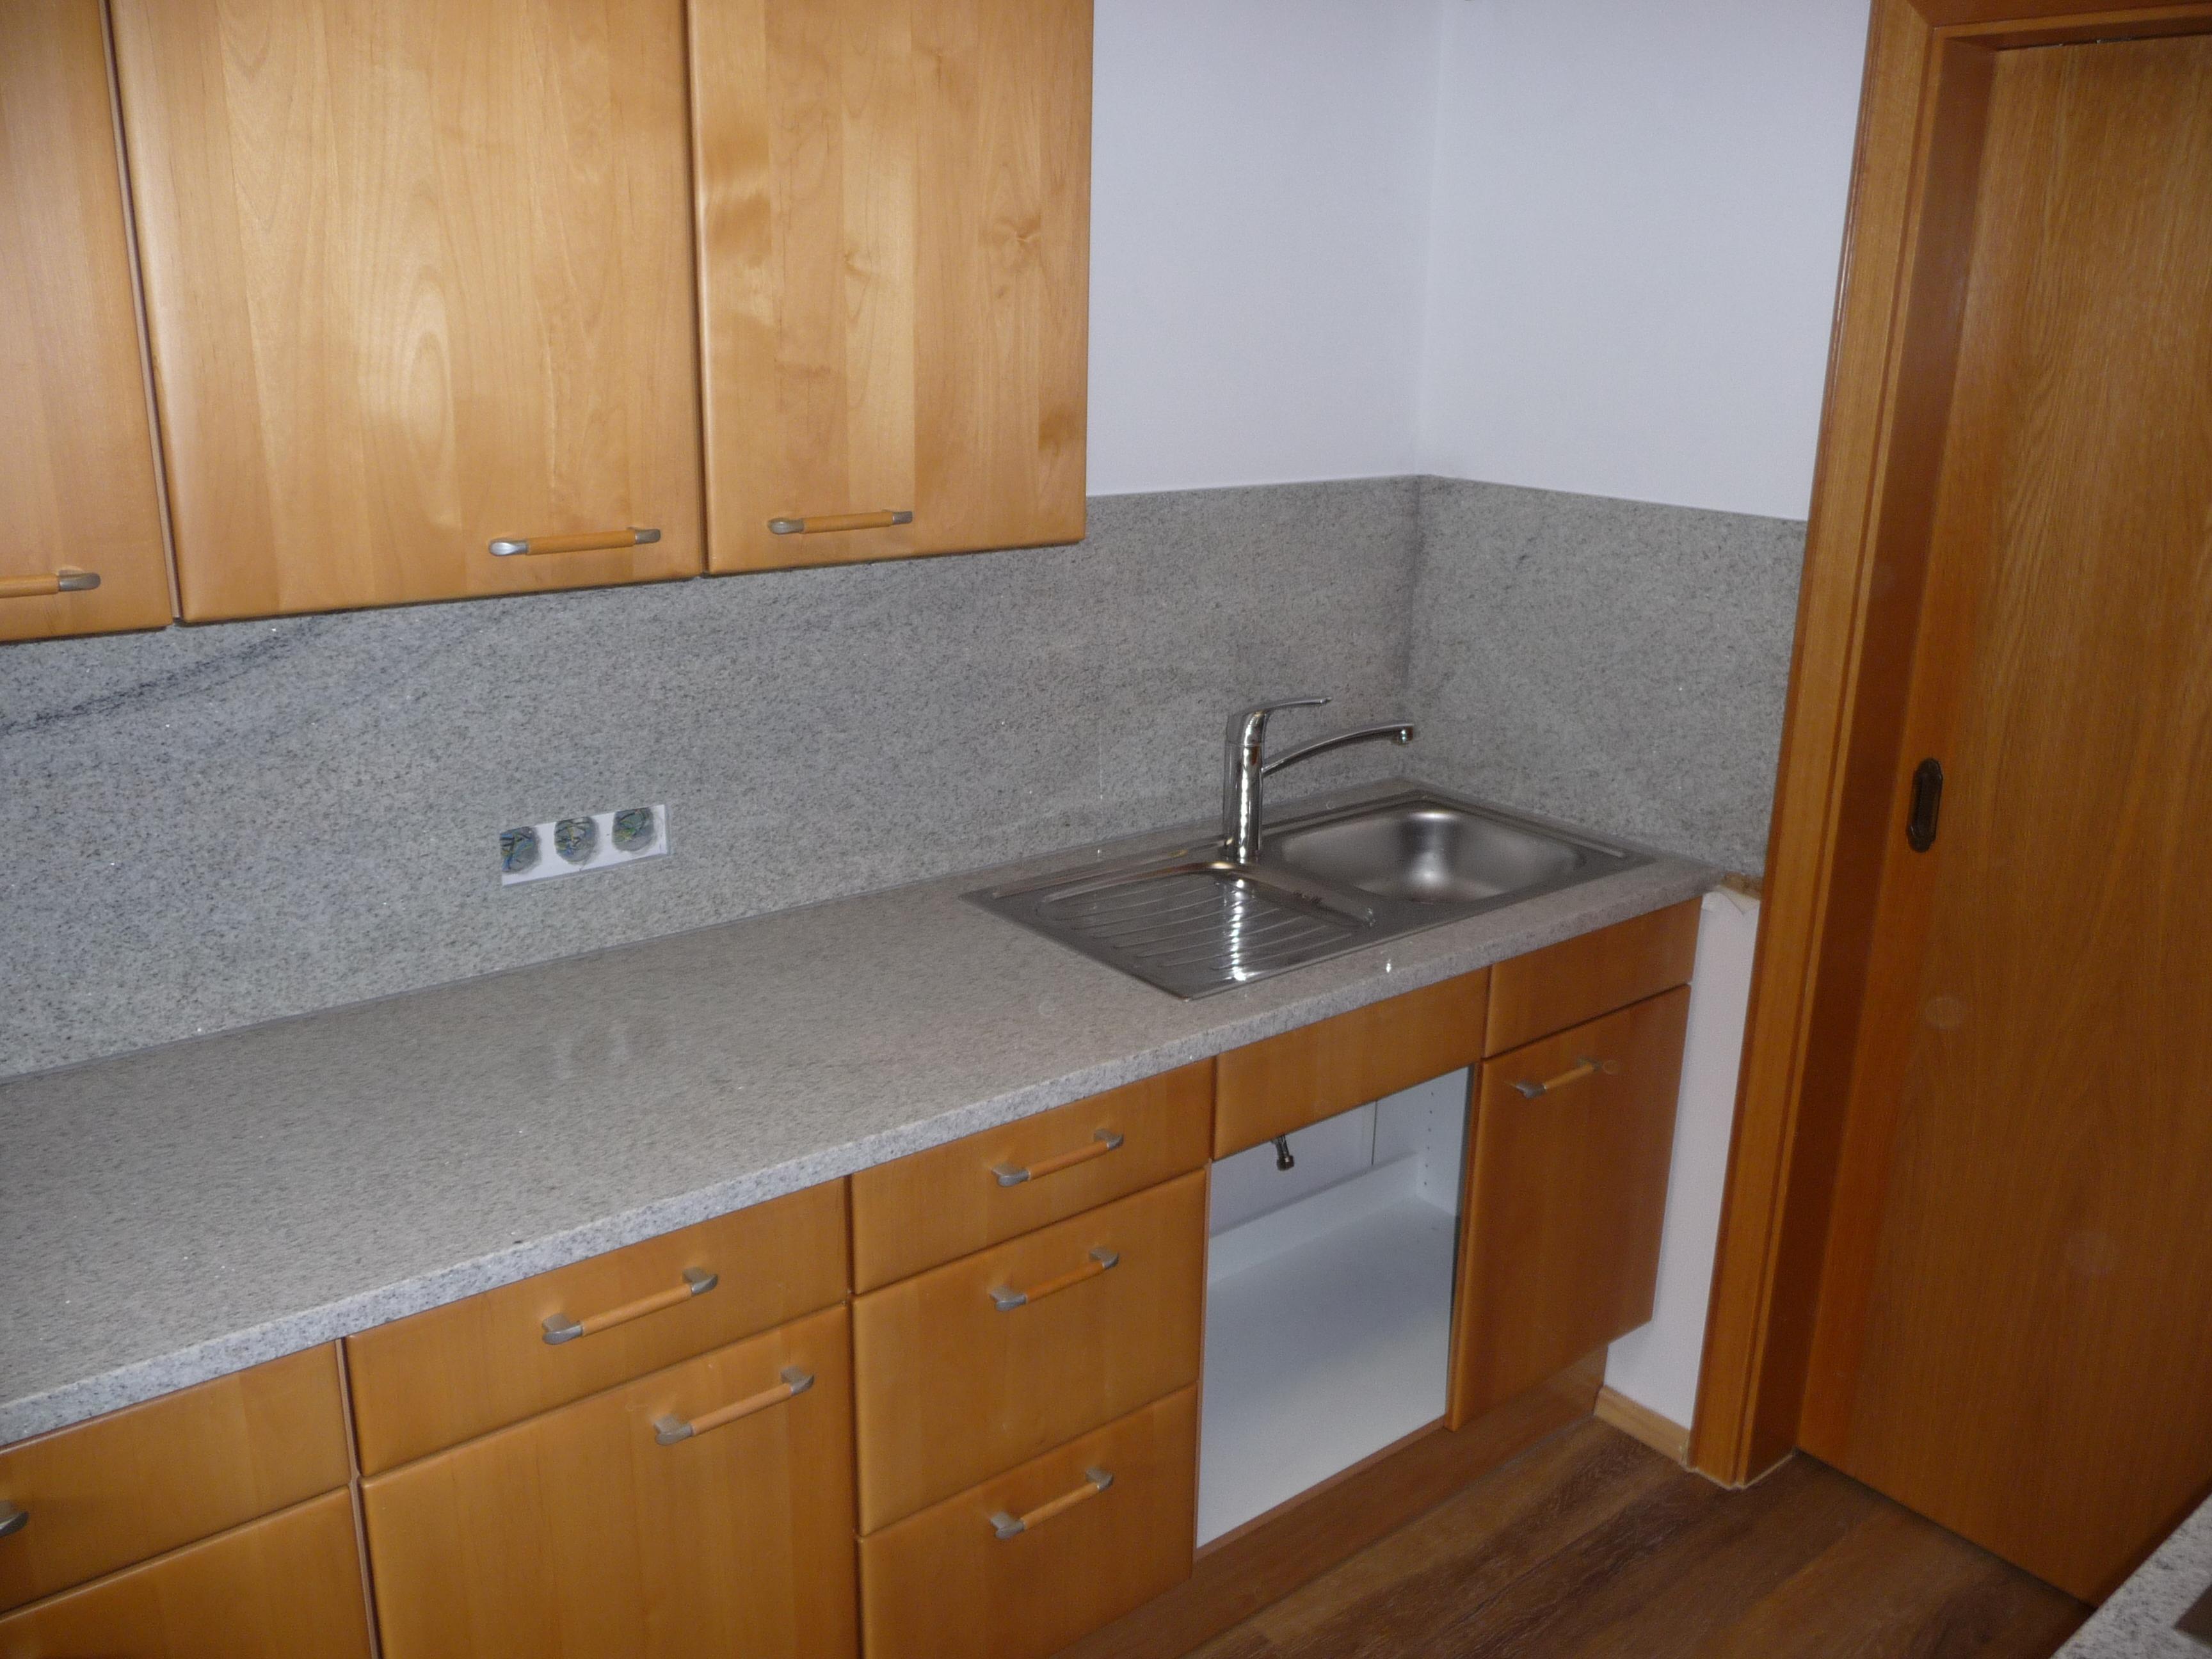 referenzen imperial white. Black Bedroom Furniture Sets. Home Design Ideas